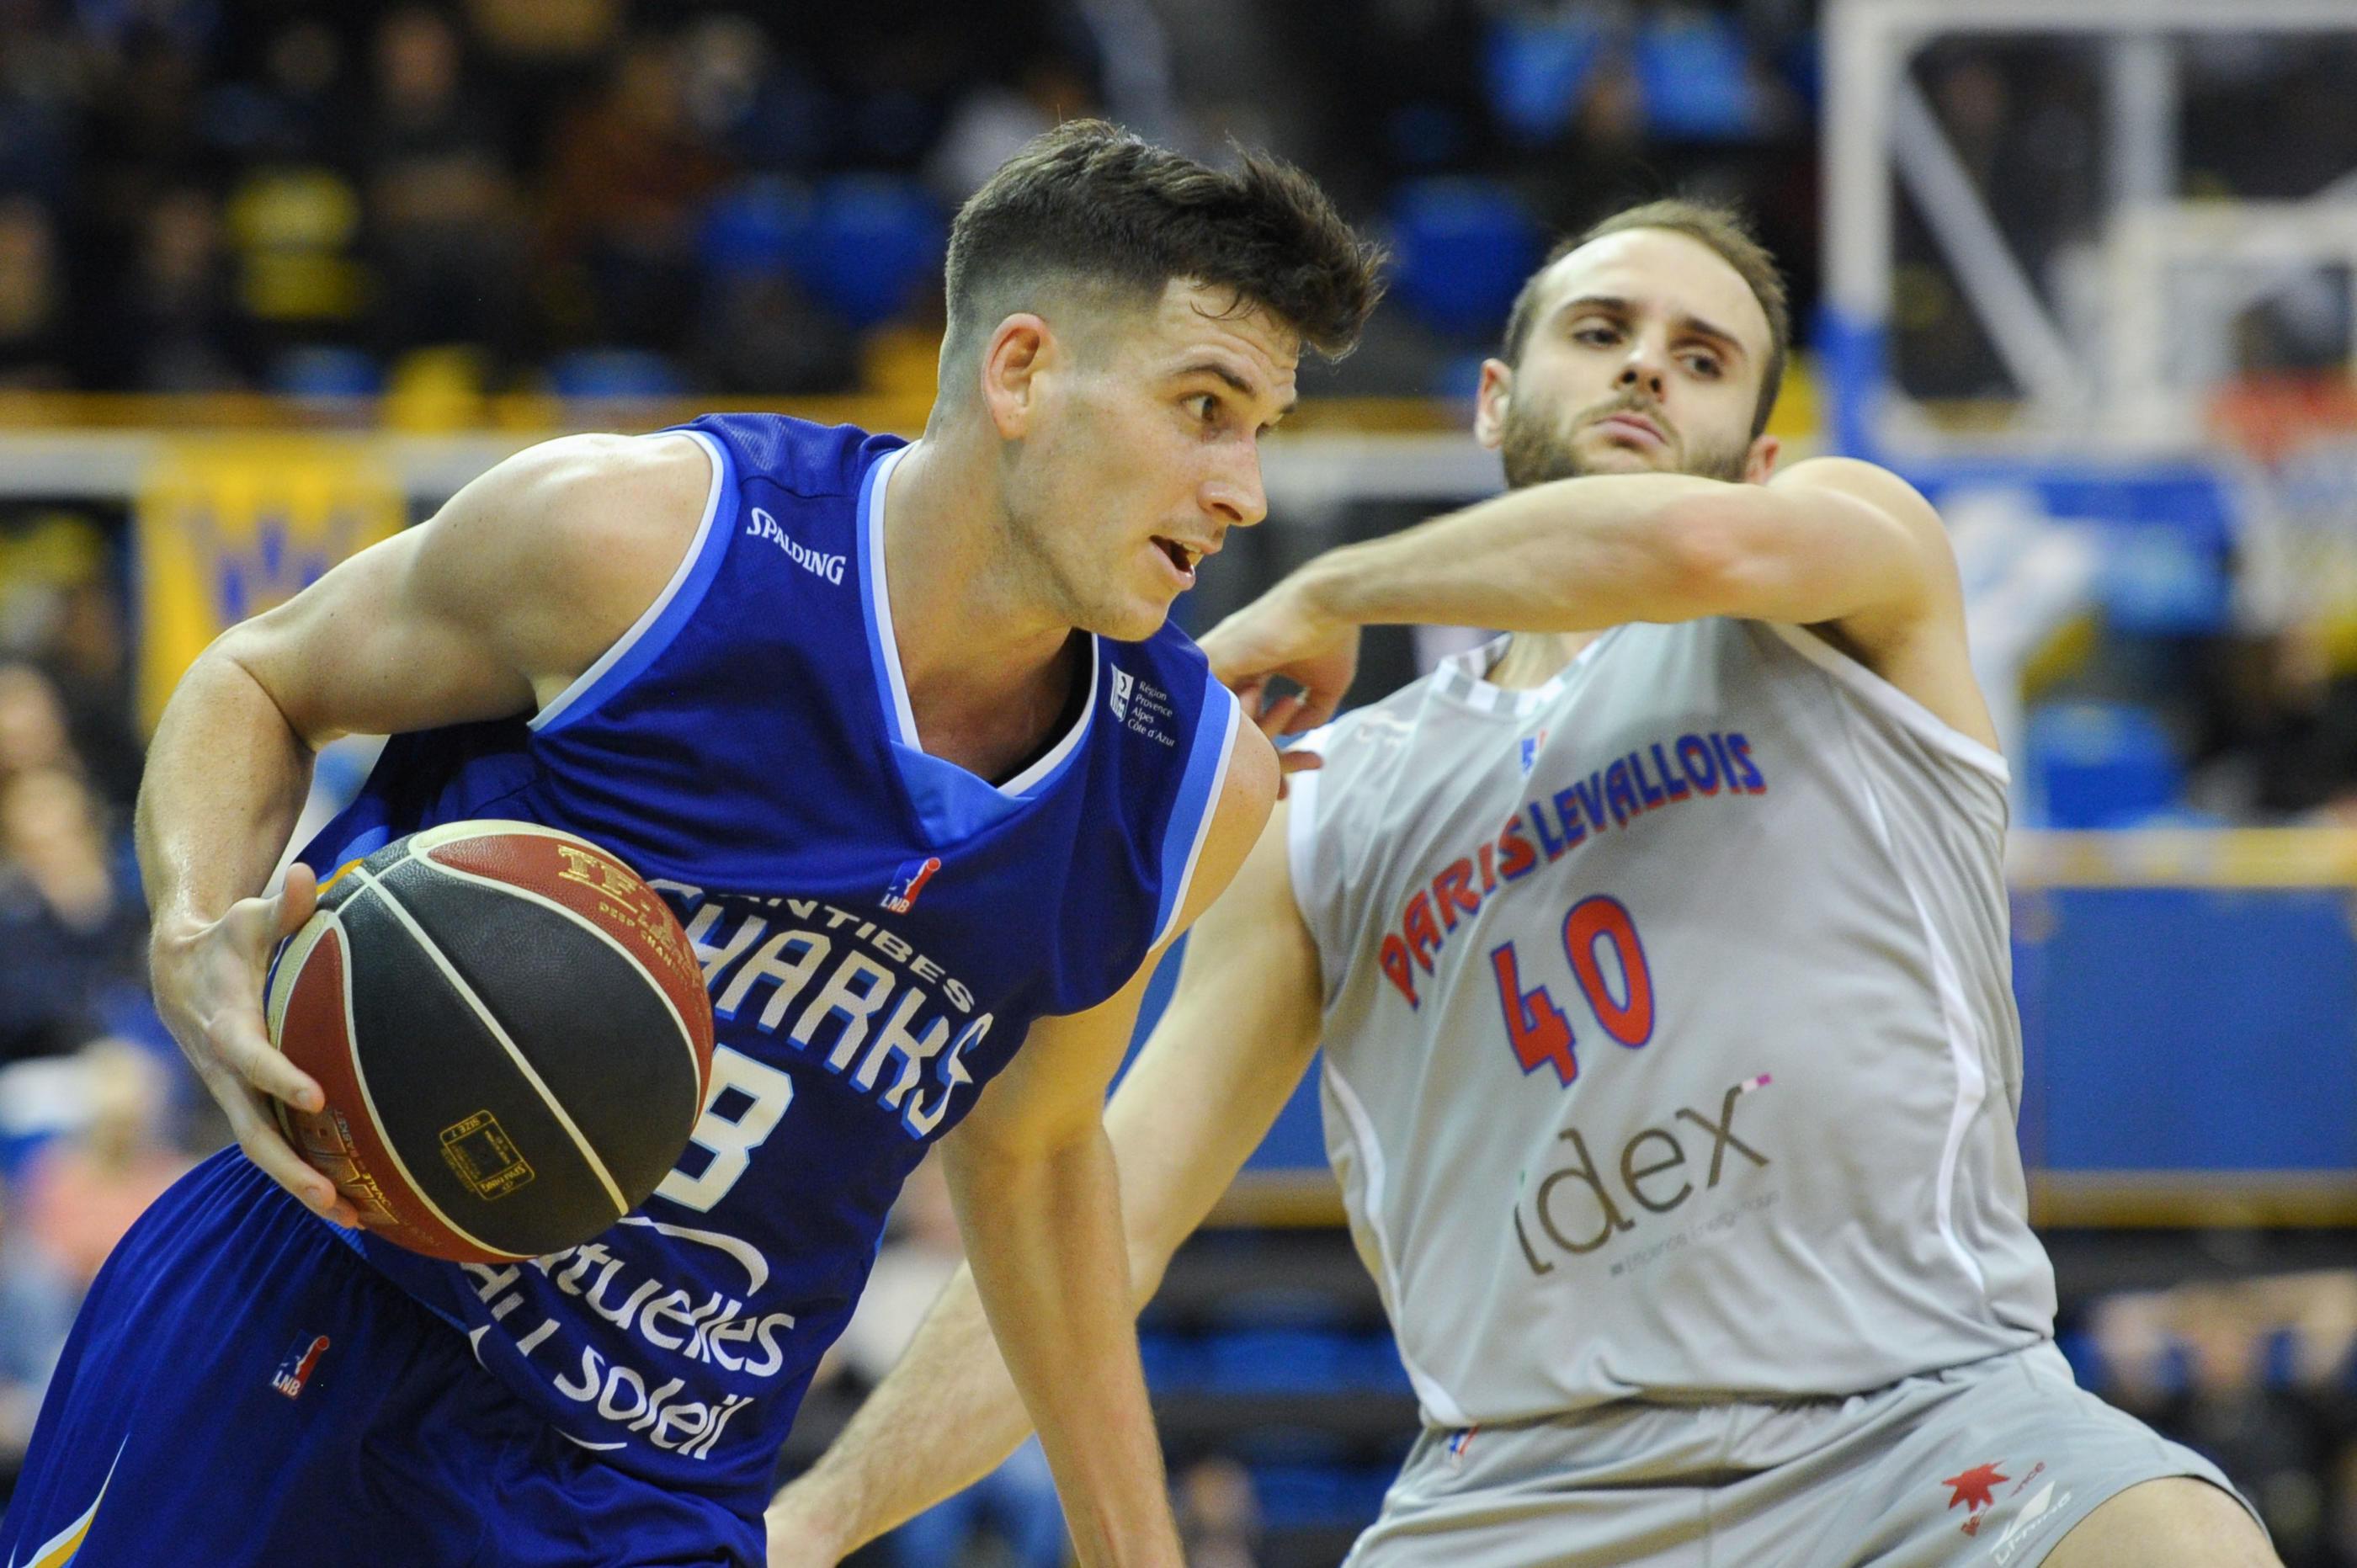 Basket : de la 3e division française au titre en Israël, l'incroyable ascension de Frédéric Bourdillon